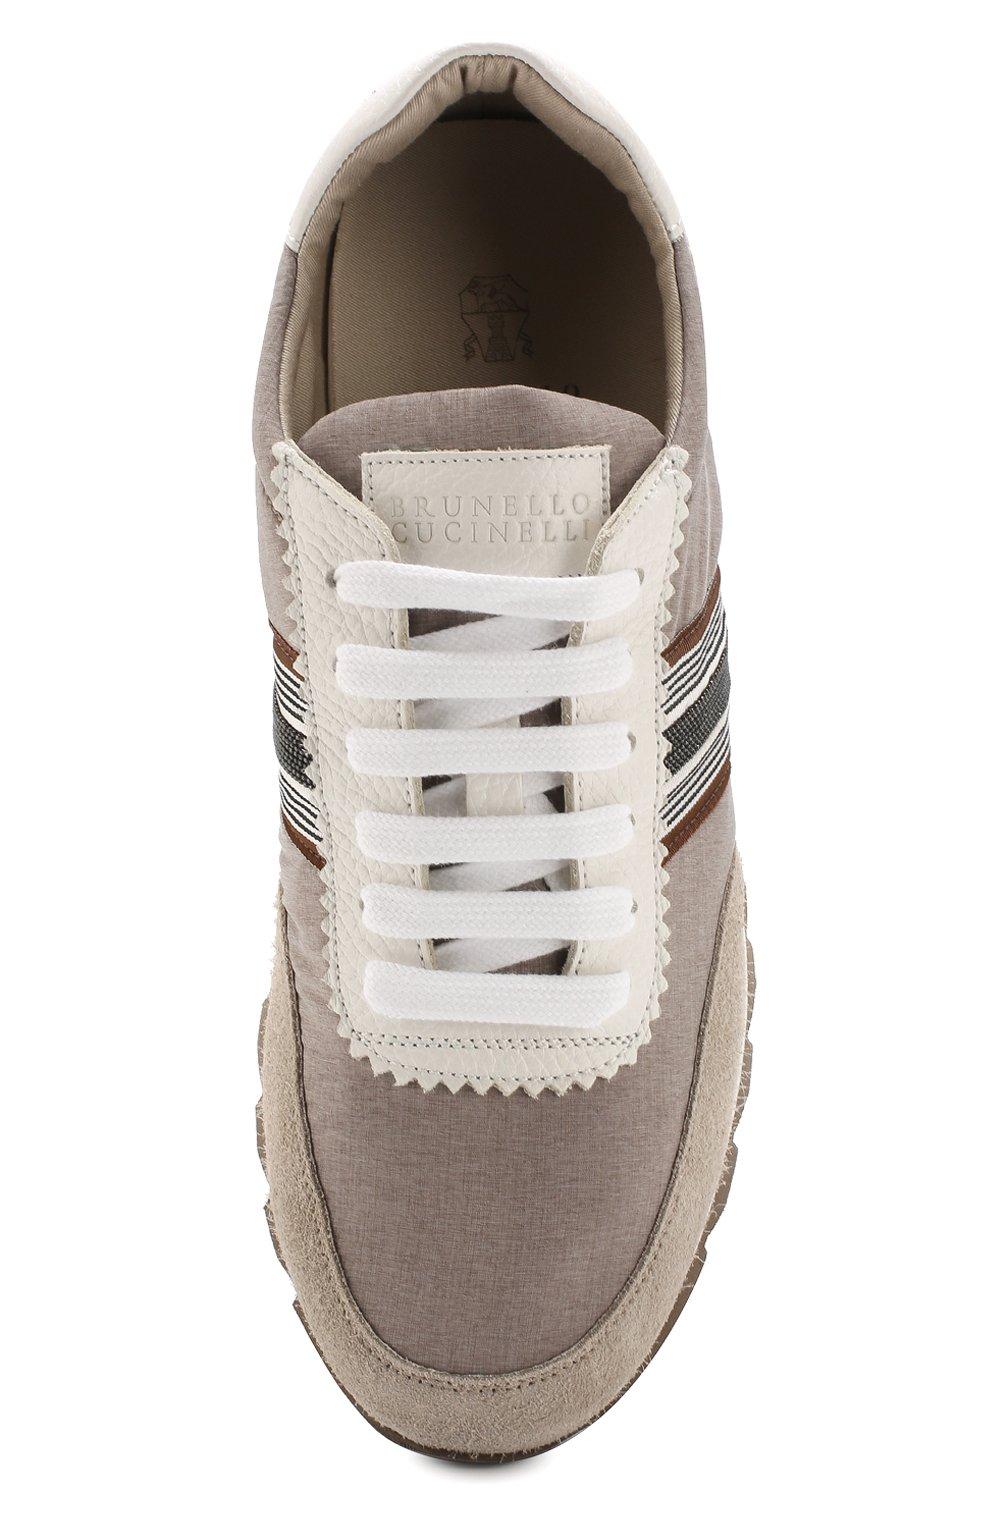 Комбинированные кроссовки Brunello Cucinelli бежевые   Фото №5